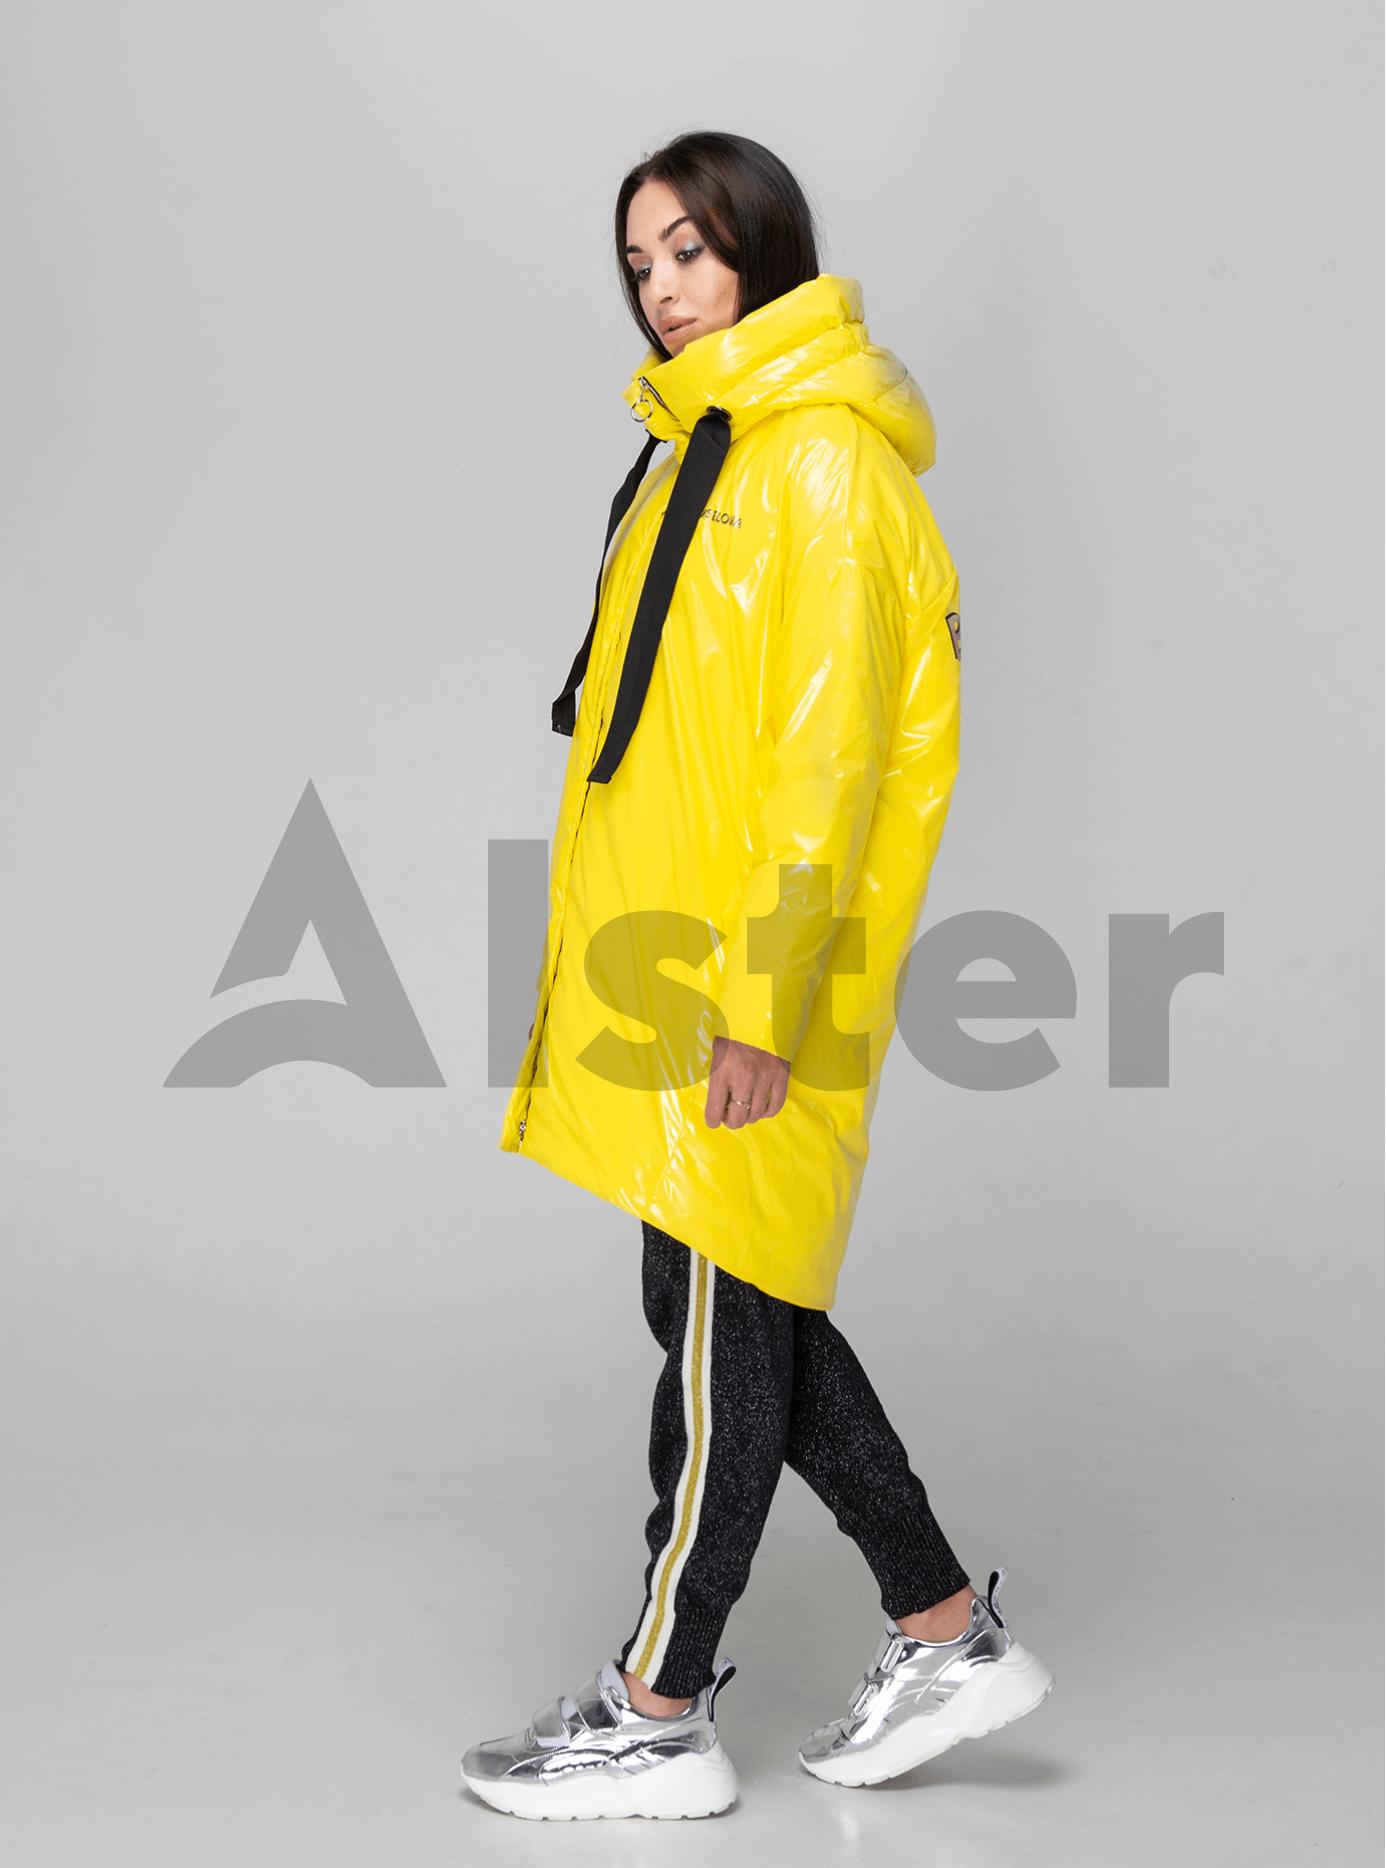 Куртка зимняя длинная с объемными рукавами Жёлтый L (02-V191118): фото - Alster.ua